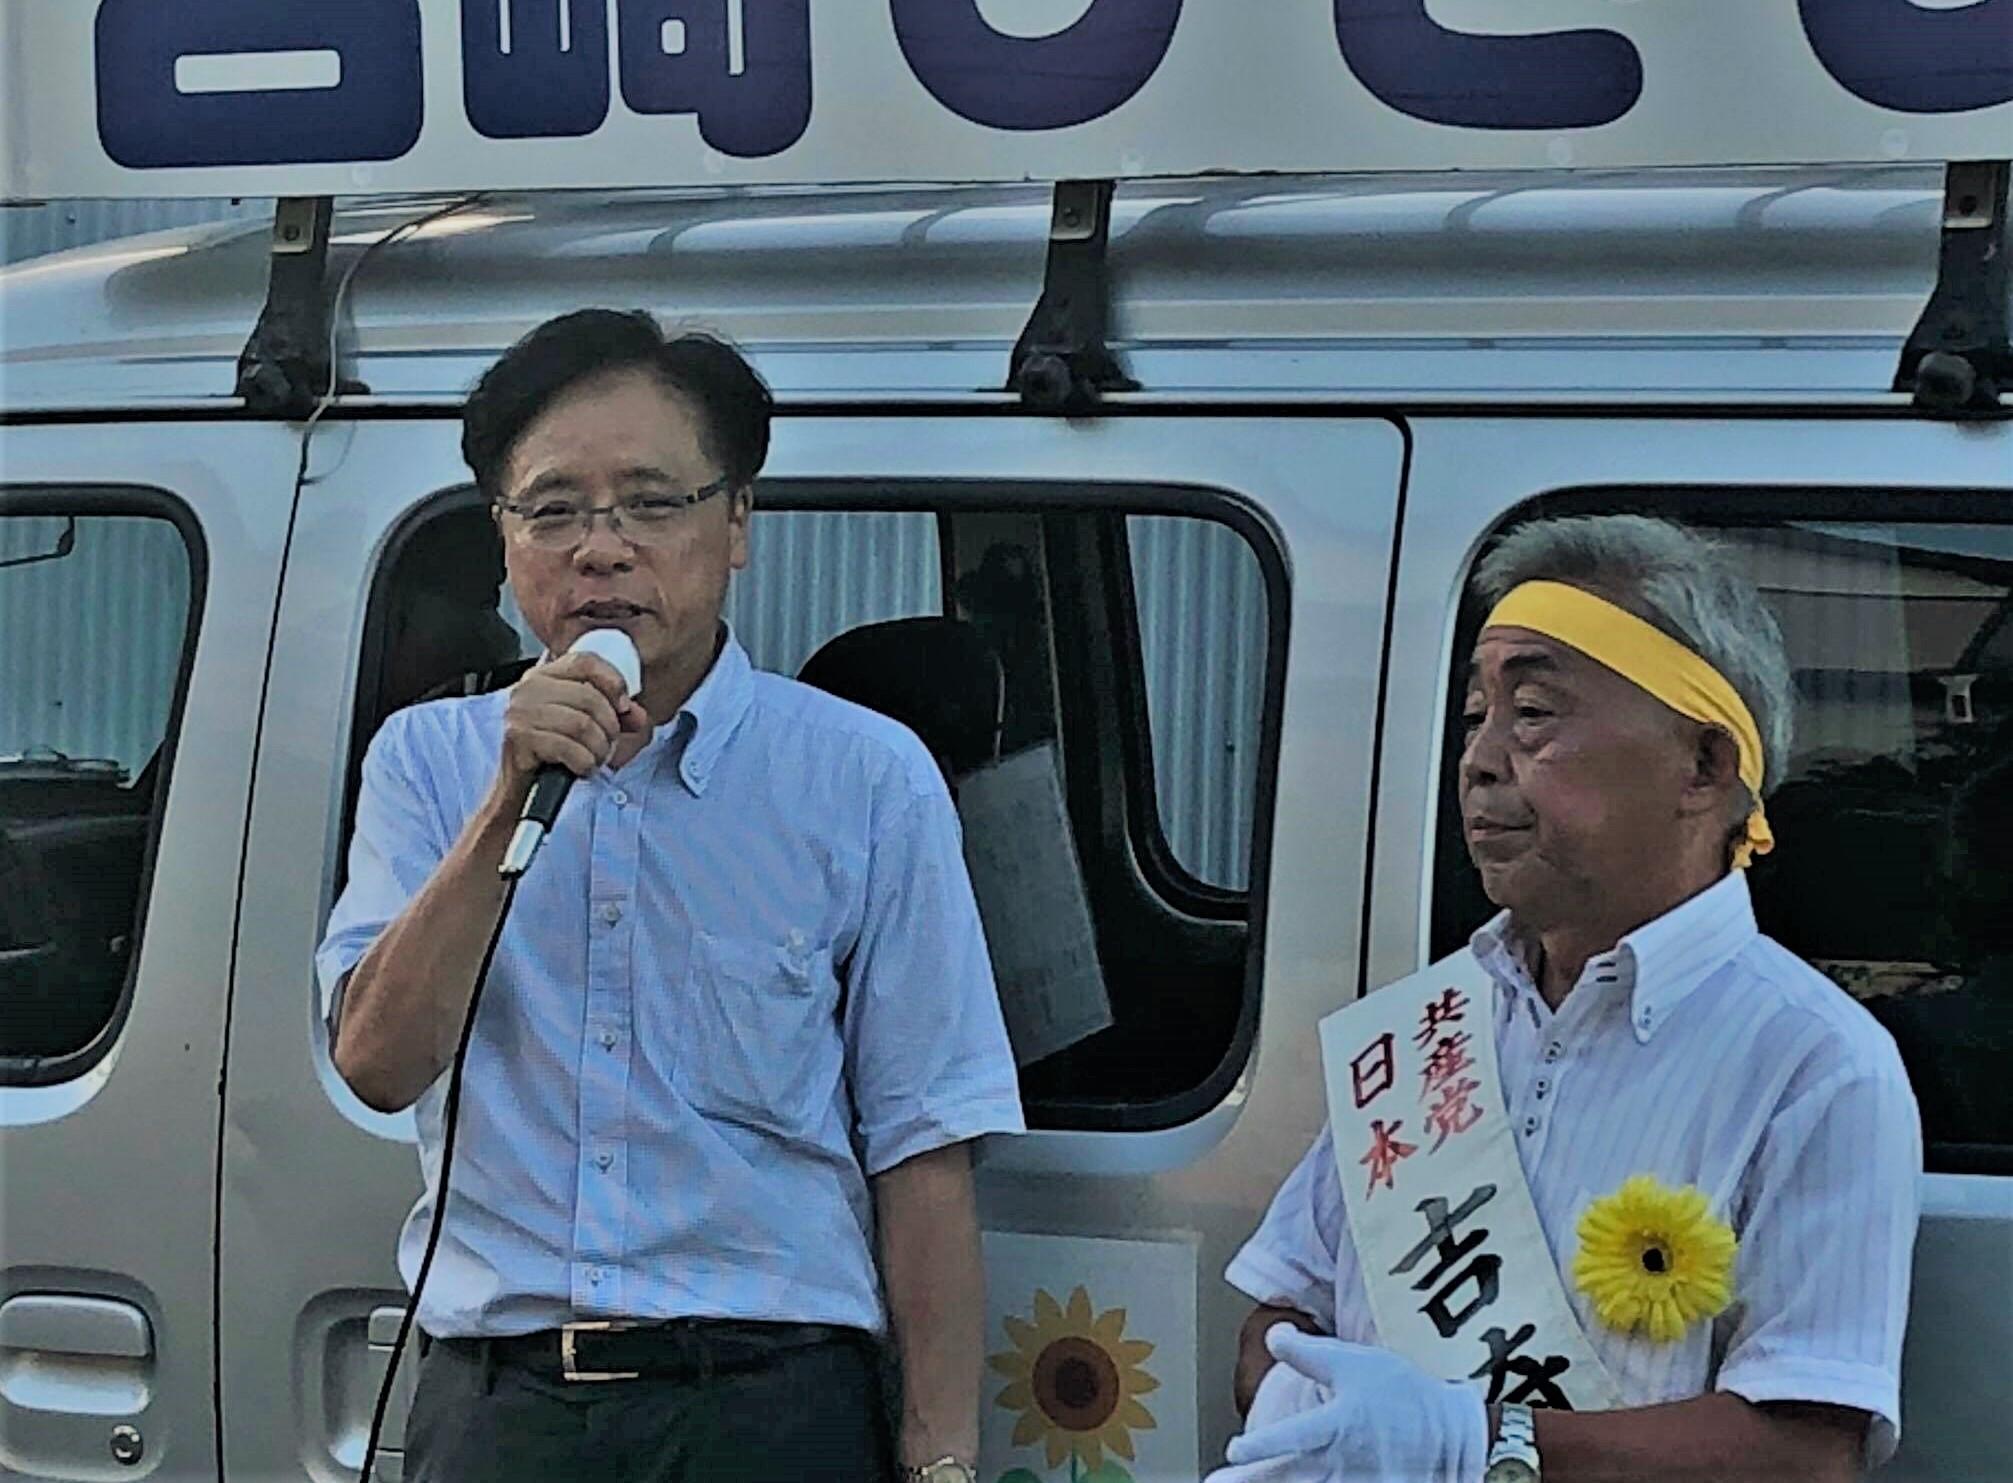 http://www.inoue-satoshi.com/diary/39905900_519654981815837_2143884482585821184_n.jpg